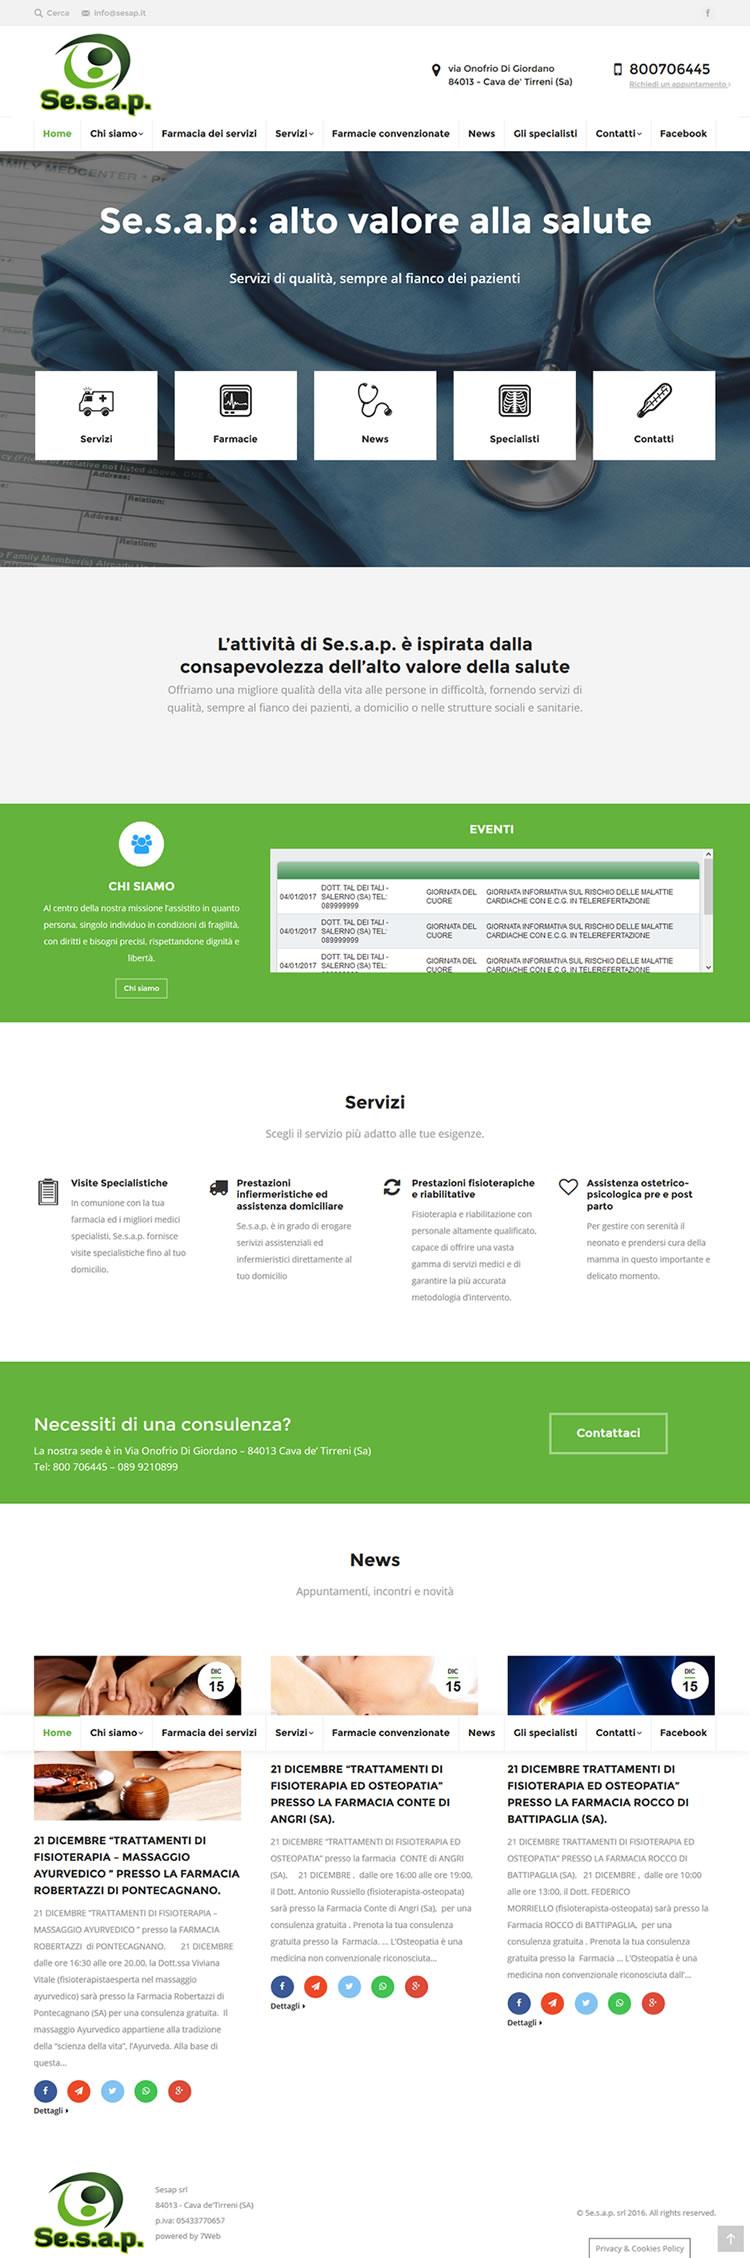 Se.s.a.p. Servizi Sanitari e Assistenziali alla Persona - Portfolio Web - 7Web - www.setteweb.it